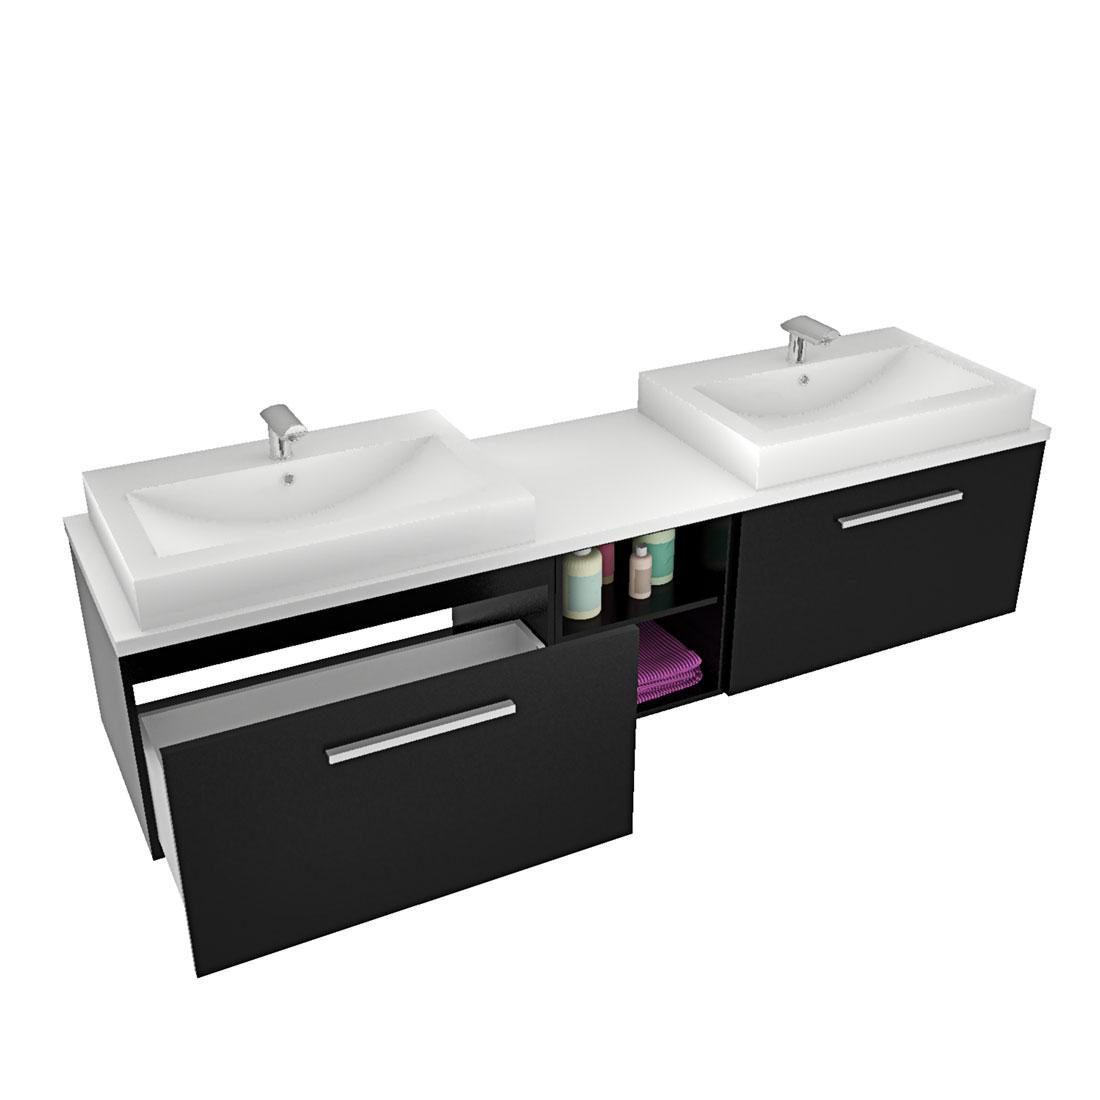 waschtisch mit waschbecken unterschrank city 306 200cm esche schwarz. Black Bedroom Furniture Sets. Home Design Ideas